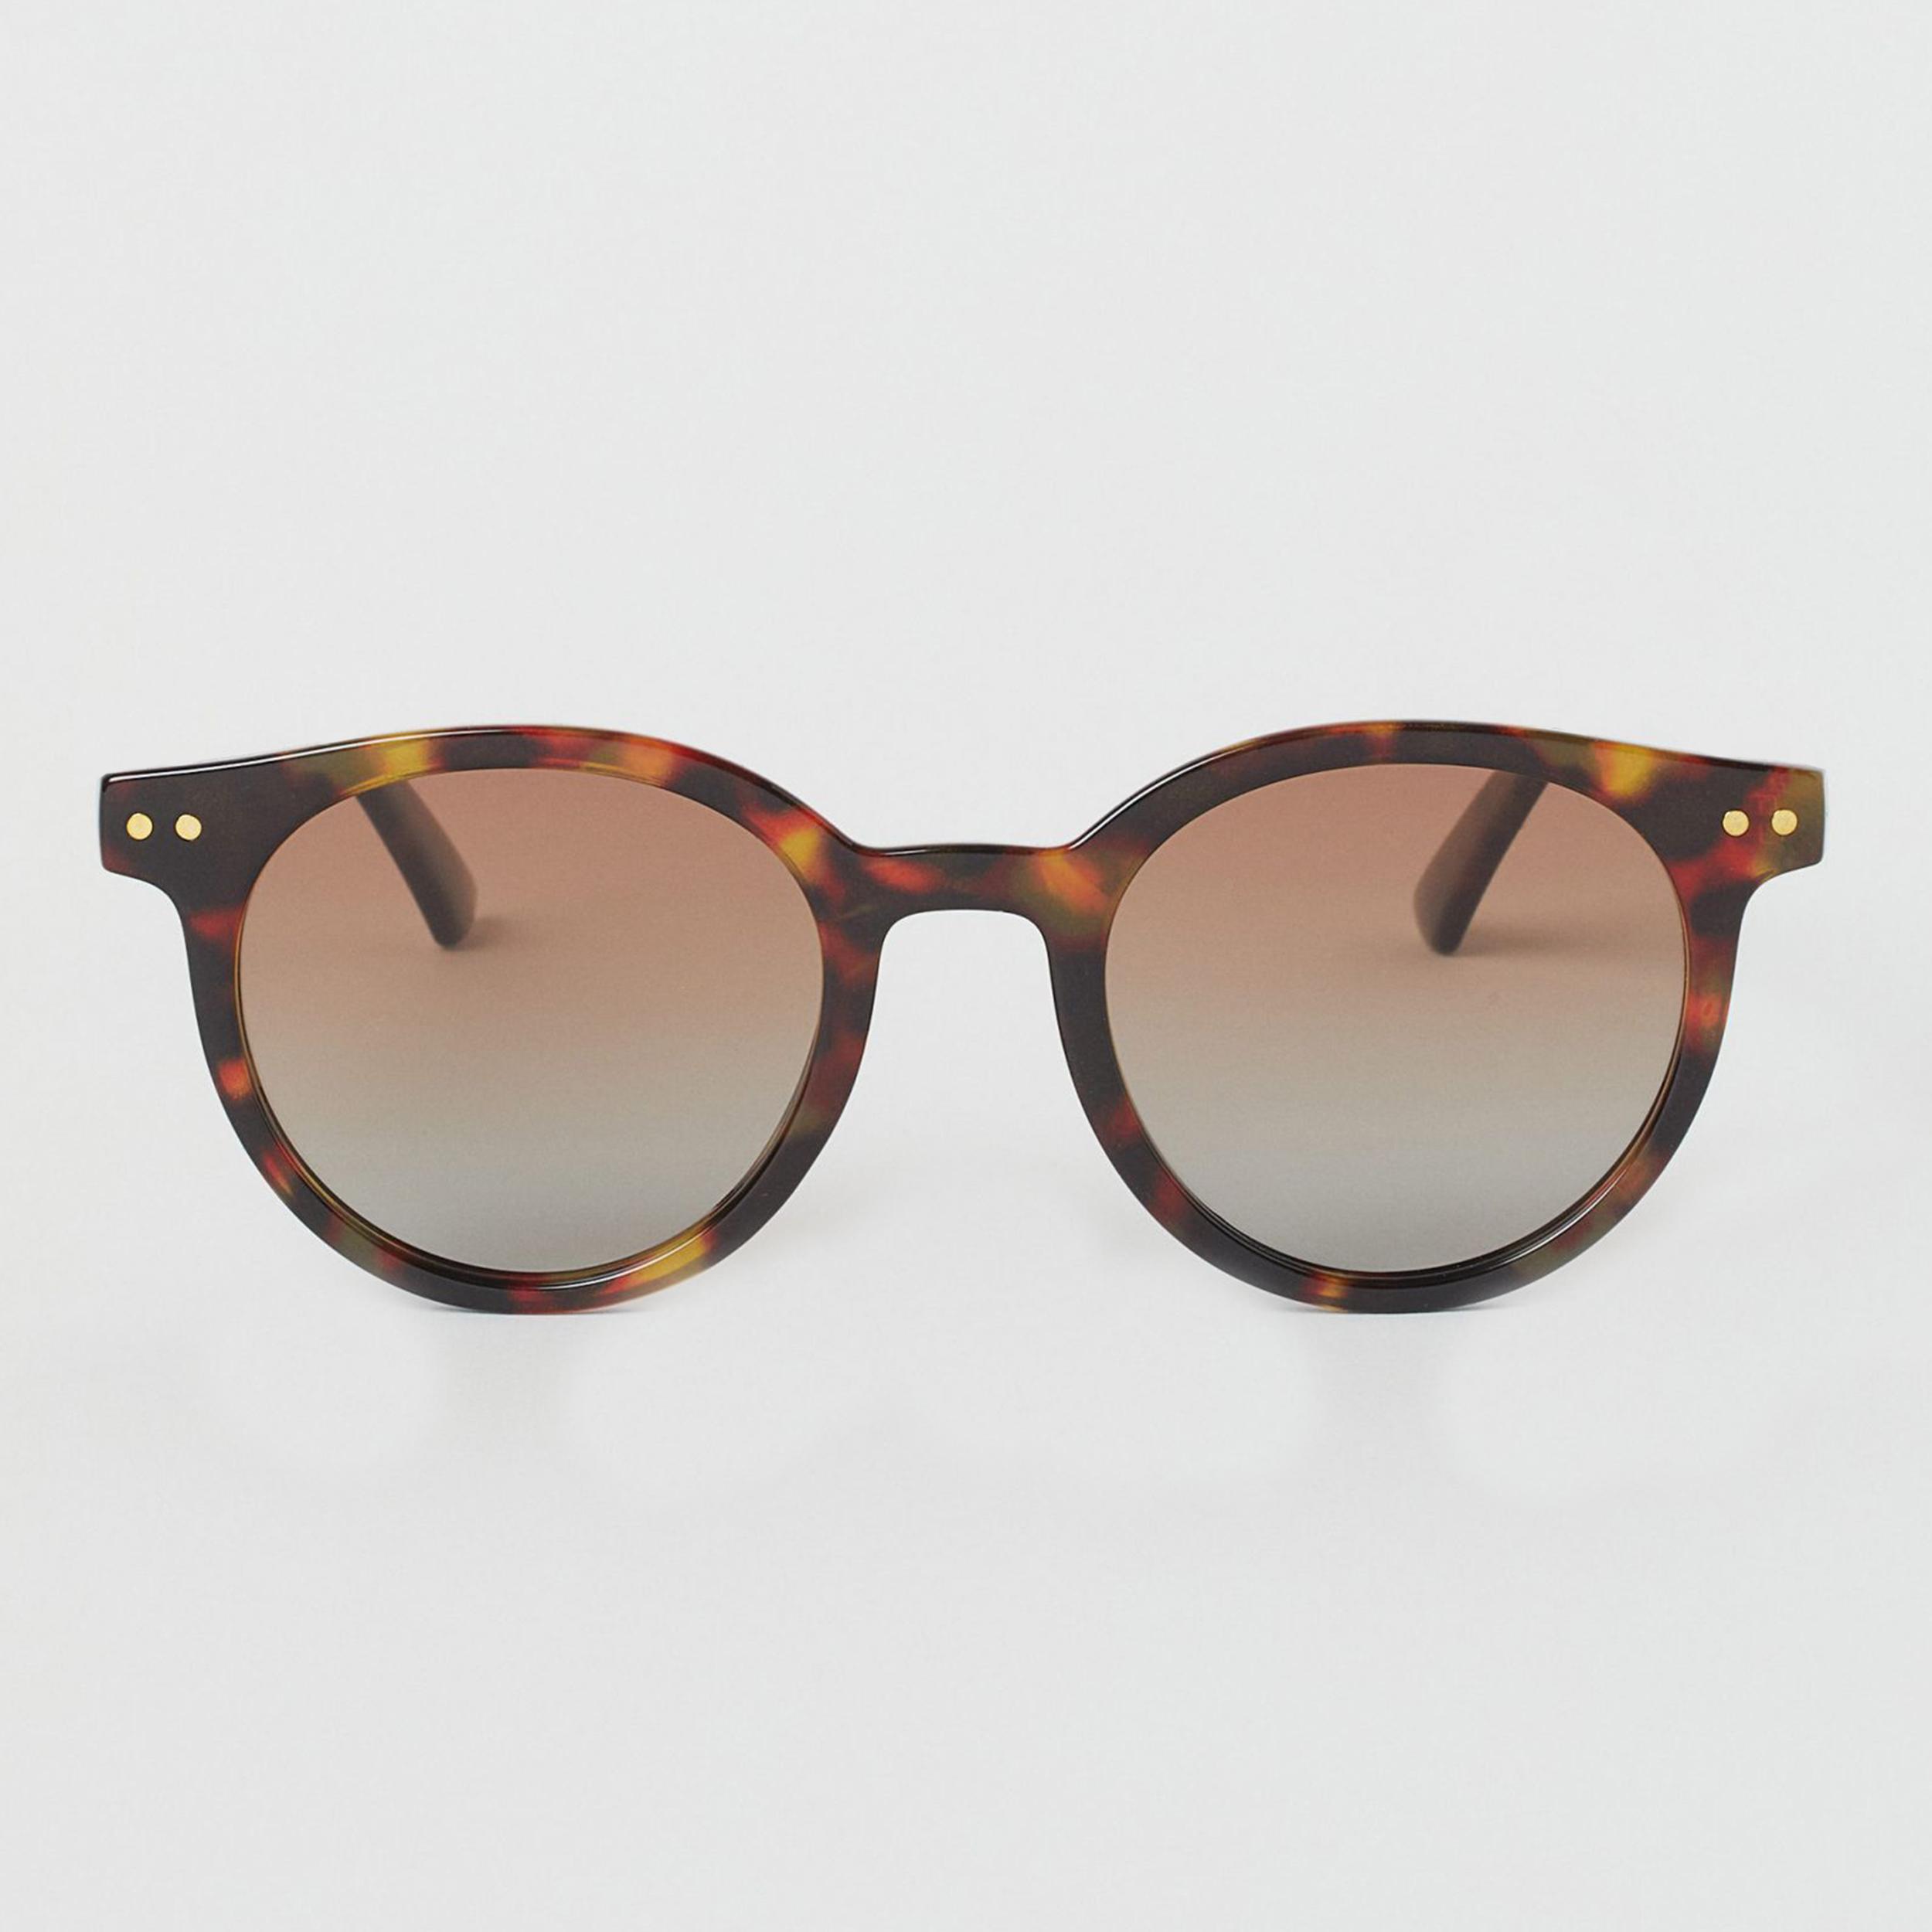 عینک آفتابی زنانه اچ اند ام مدل Polarised 0969884002